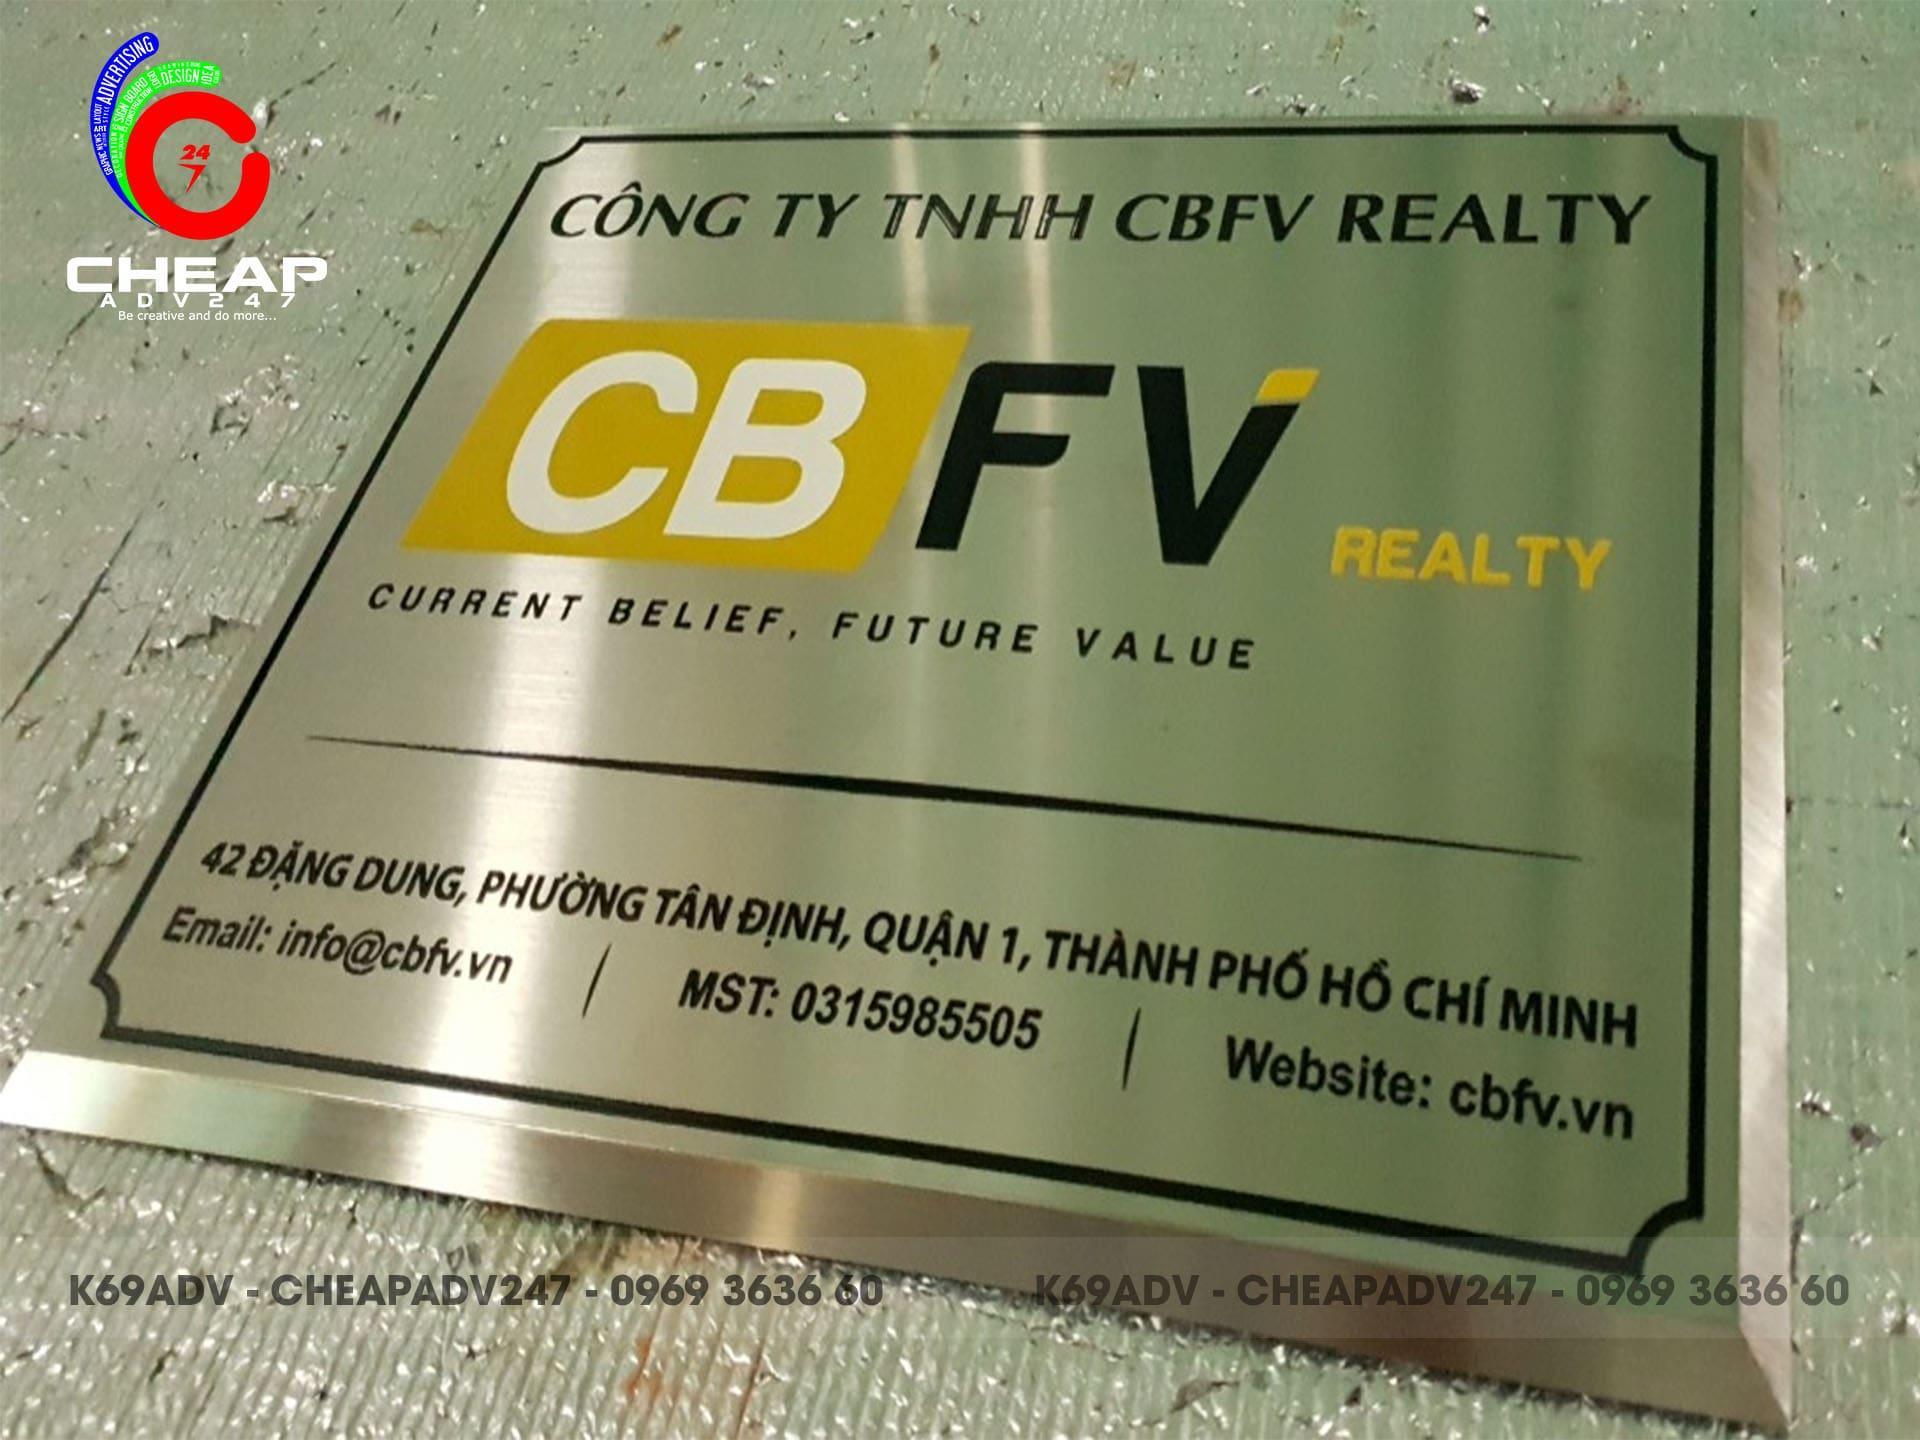 Ảnh làm bảng hiệu inox công ty inox cty CBFV tại Hồ Chí Minh